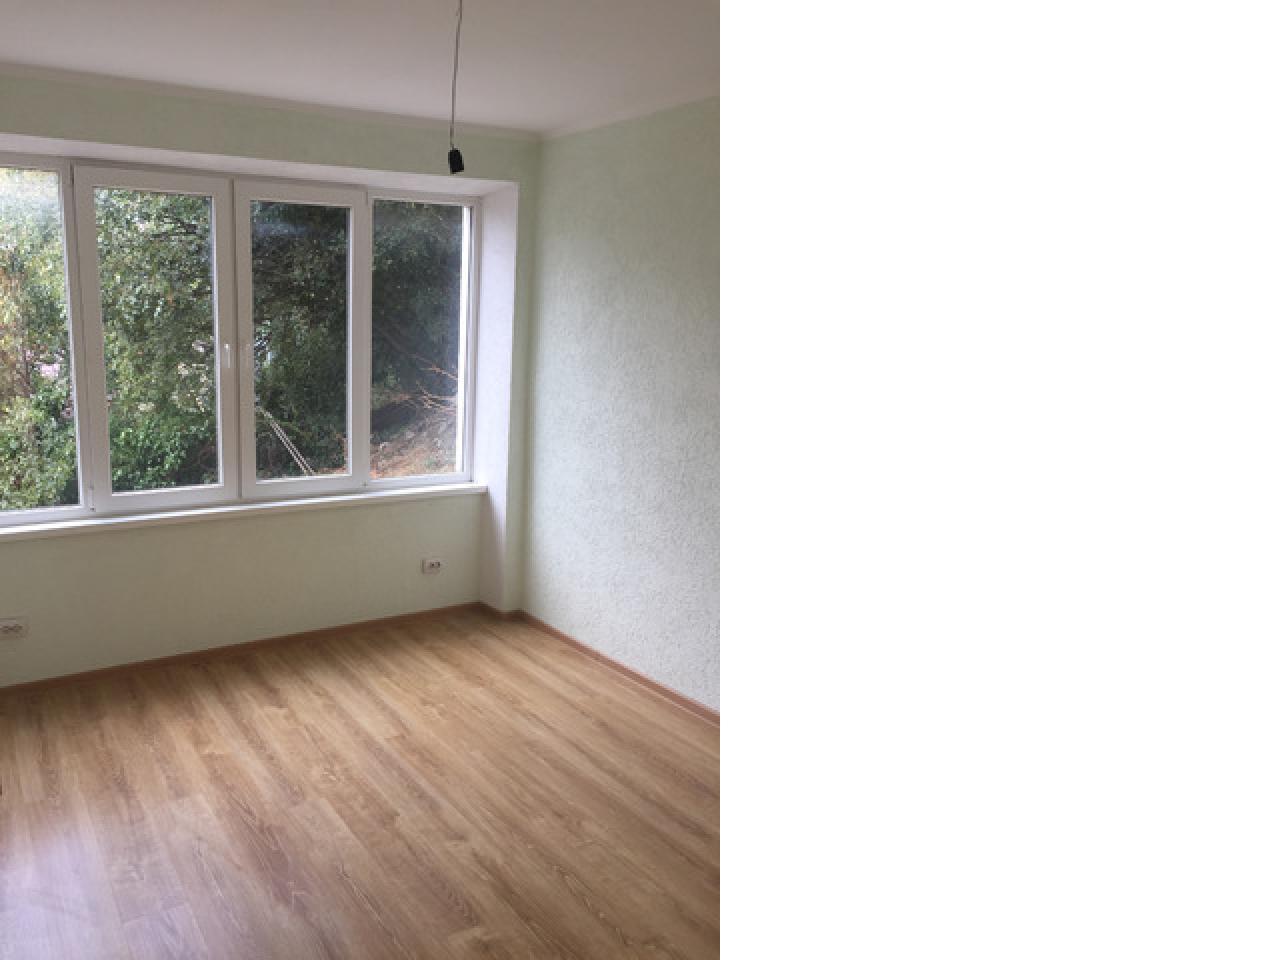 3-х комнатная квартира в Алупке, Крым, РОССИЯ  цена £87,000 Пишите, звоните! - 7